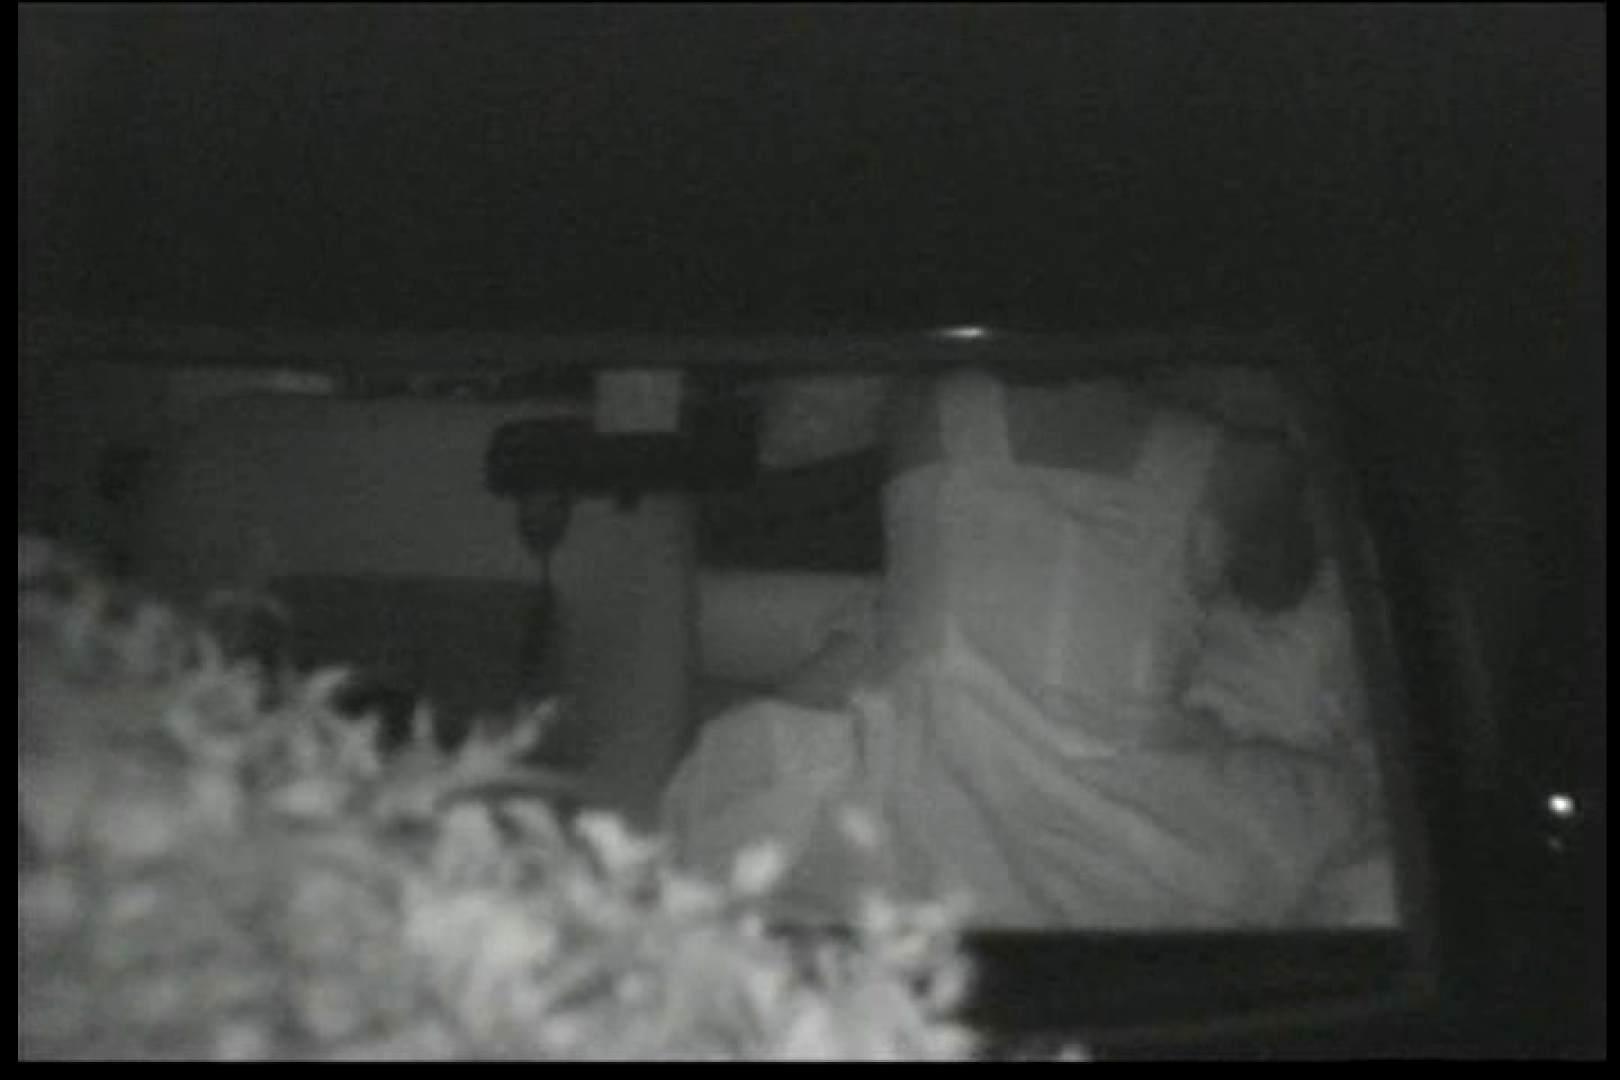 車の中はラブホテル 無修正版  Vol.12 車の中のカップル エロ画像 93画像 84